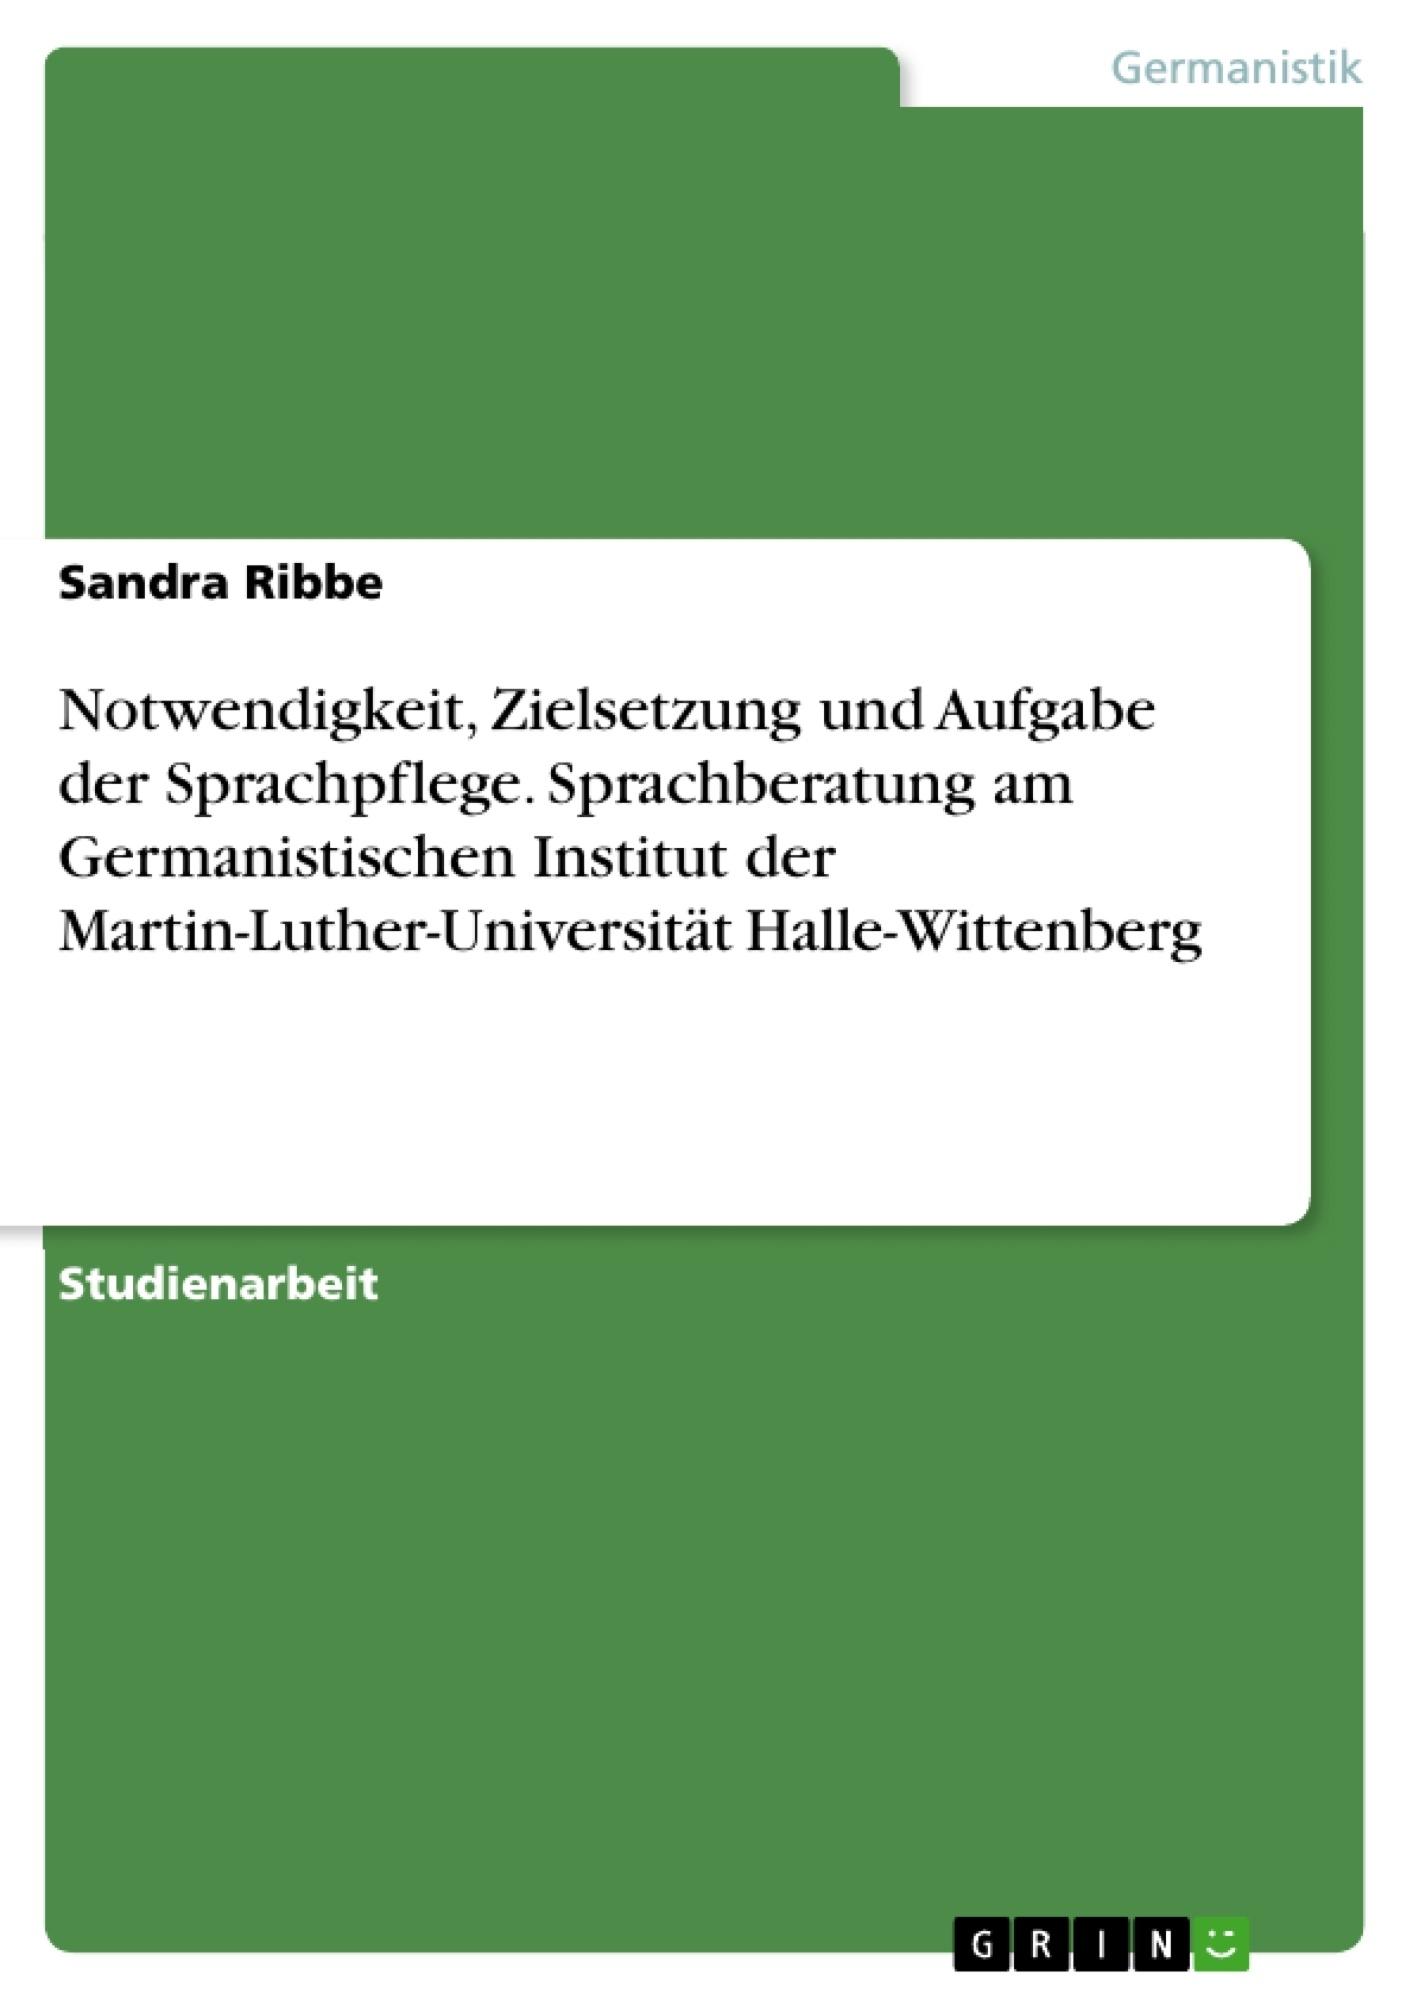 Titel: Notwendigkeit, Zielsetzung und Aufgabe der Sprachpflege. Sprachberatung am Germanistischen Institut der Martin-Luther-Universität Halle-Wittenberg